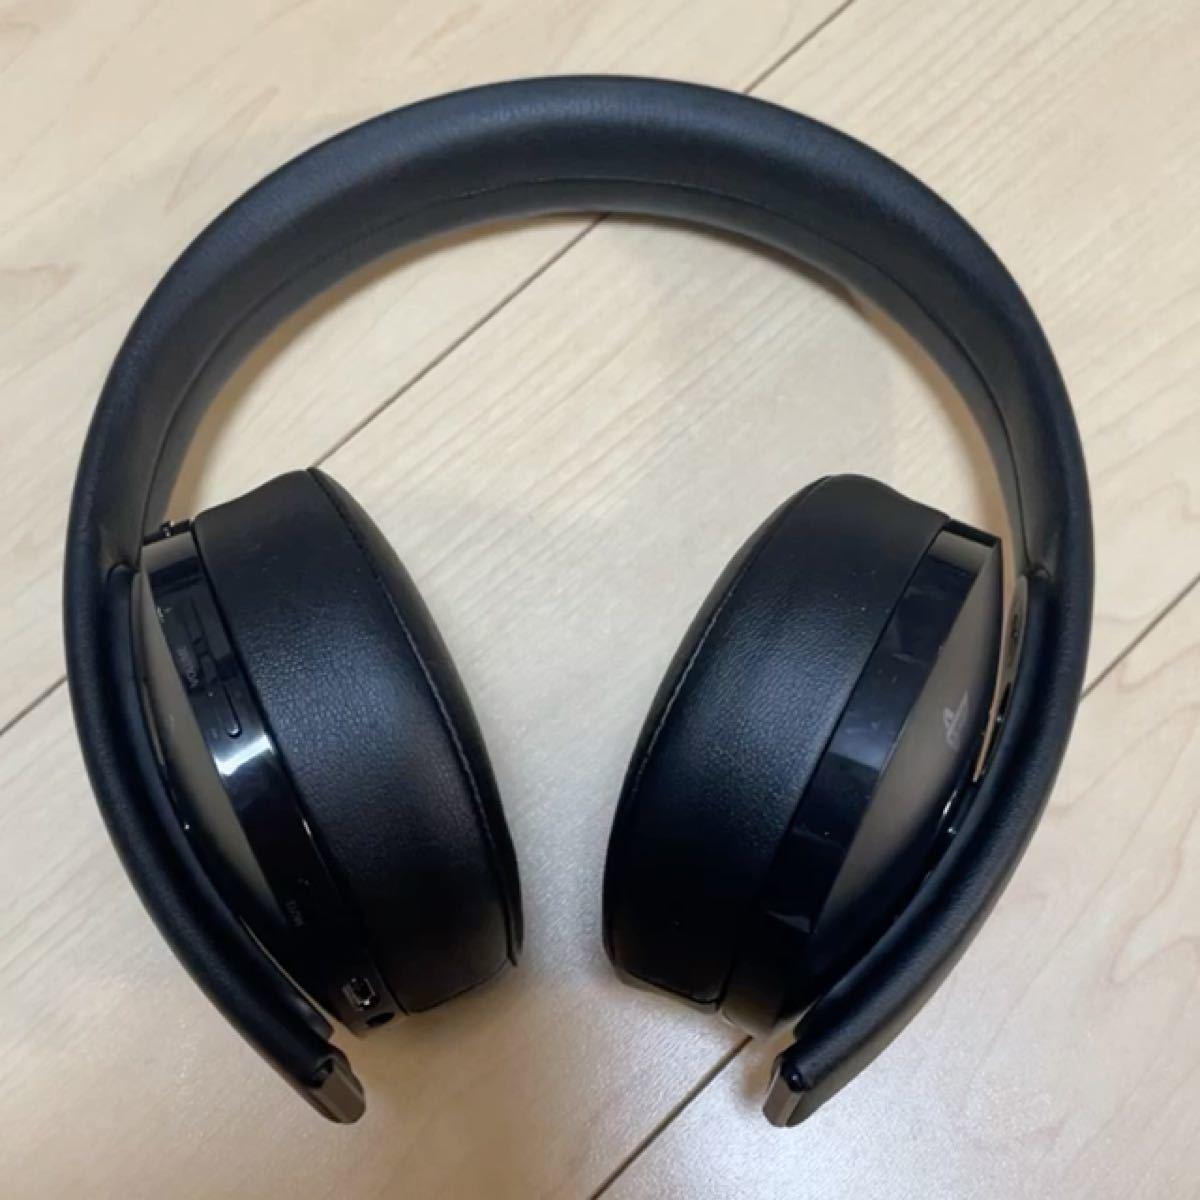 SONY CUHJ-15007 ヘッドセット PlayStation プレミアムワイヤレスサラウンドヘッドセット